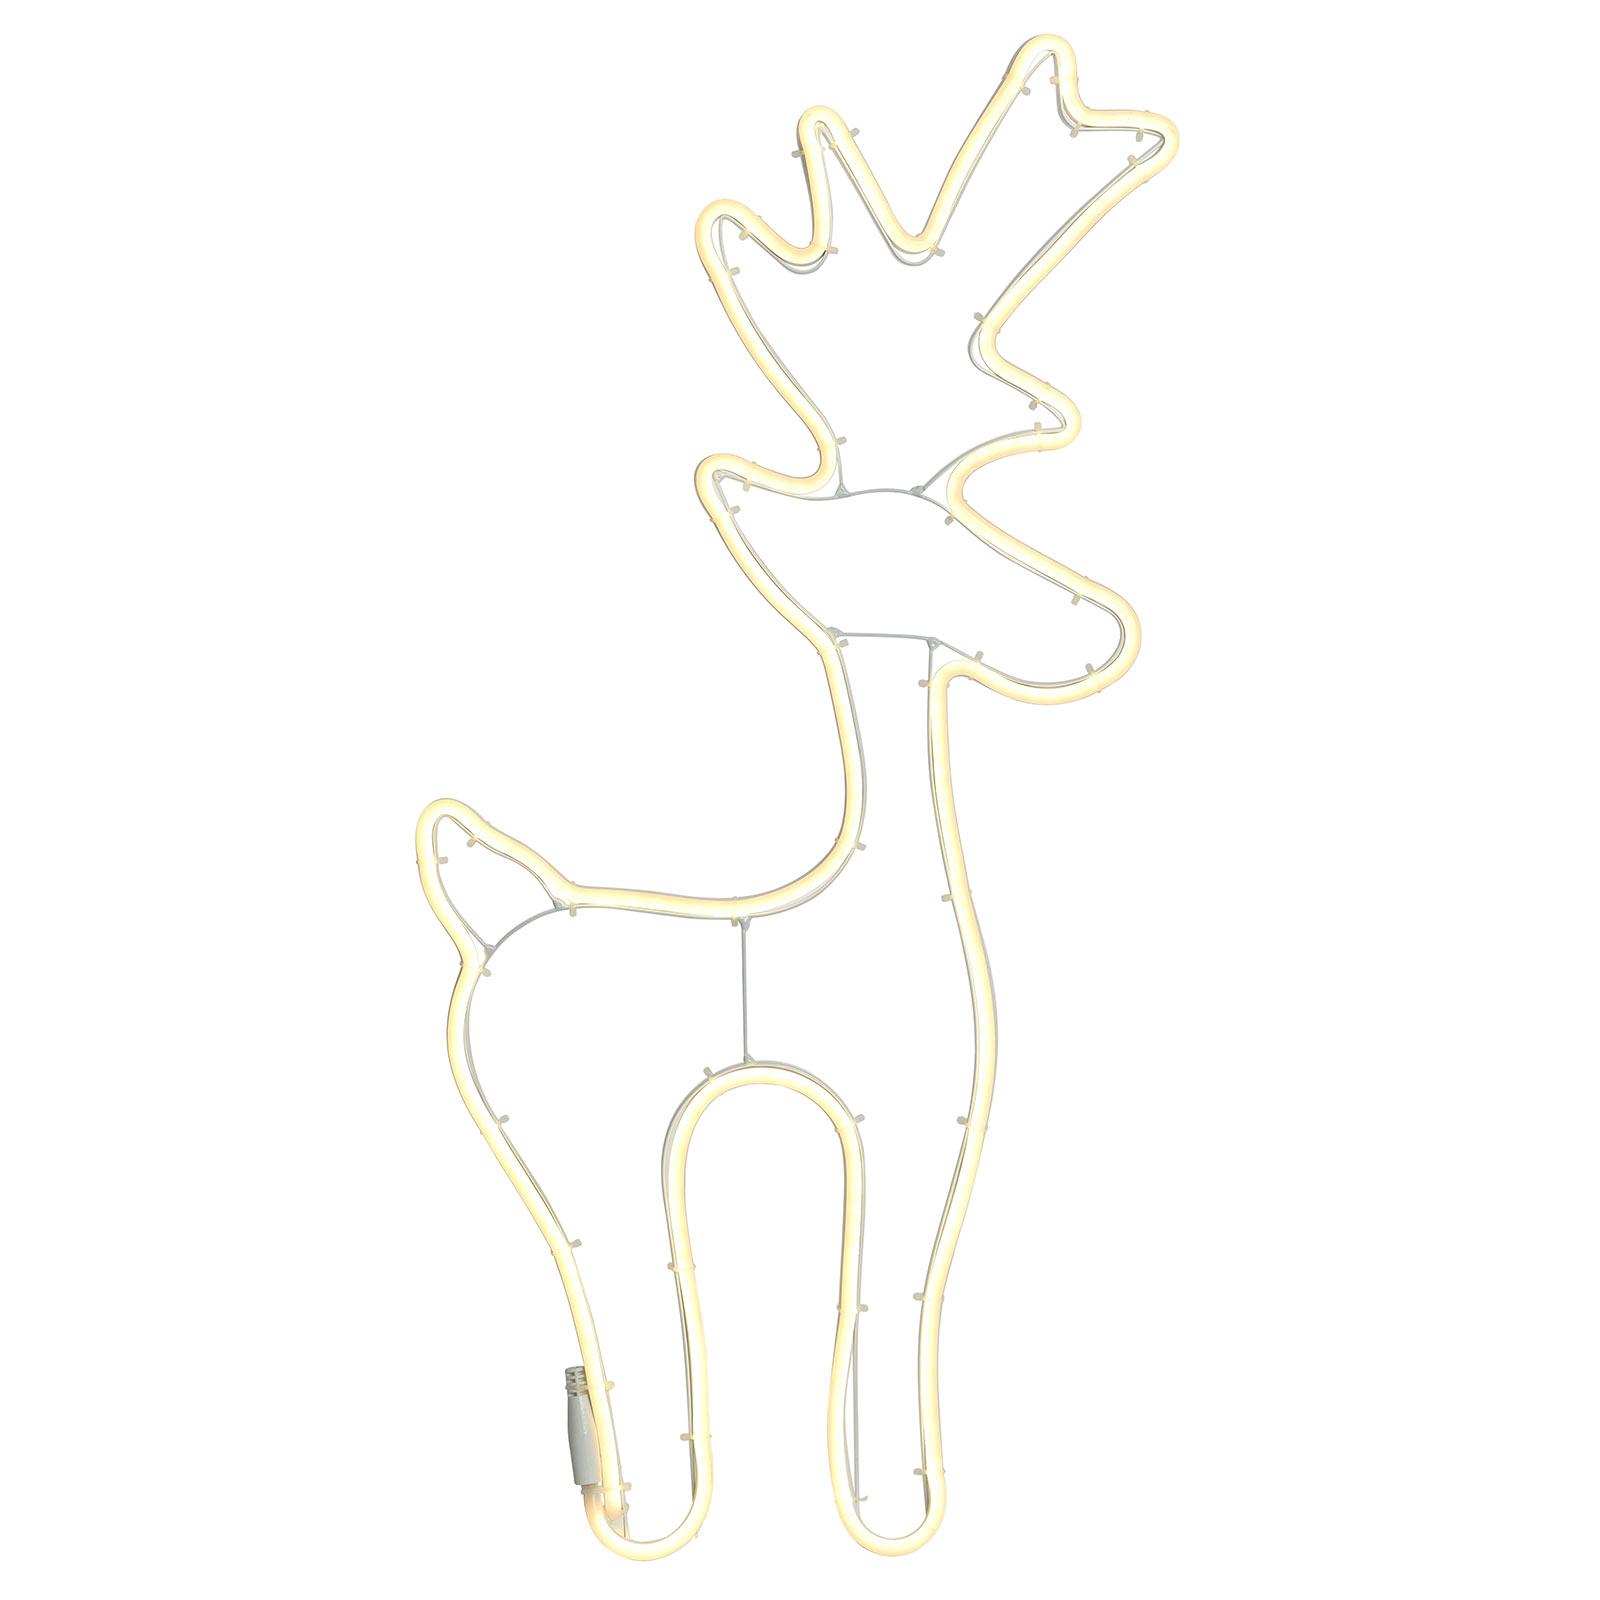 Utendørs LED-dekorasjonsfigur Neonflex hjort 2D